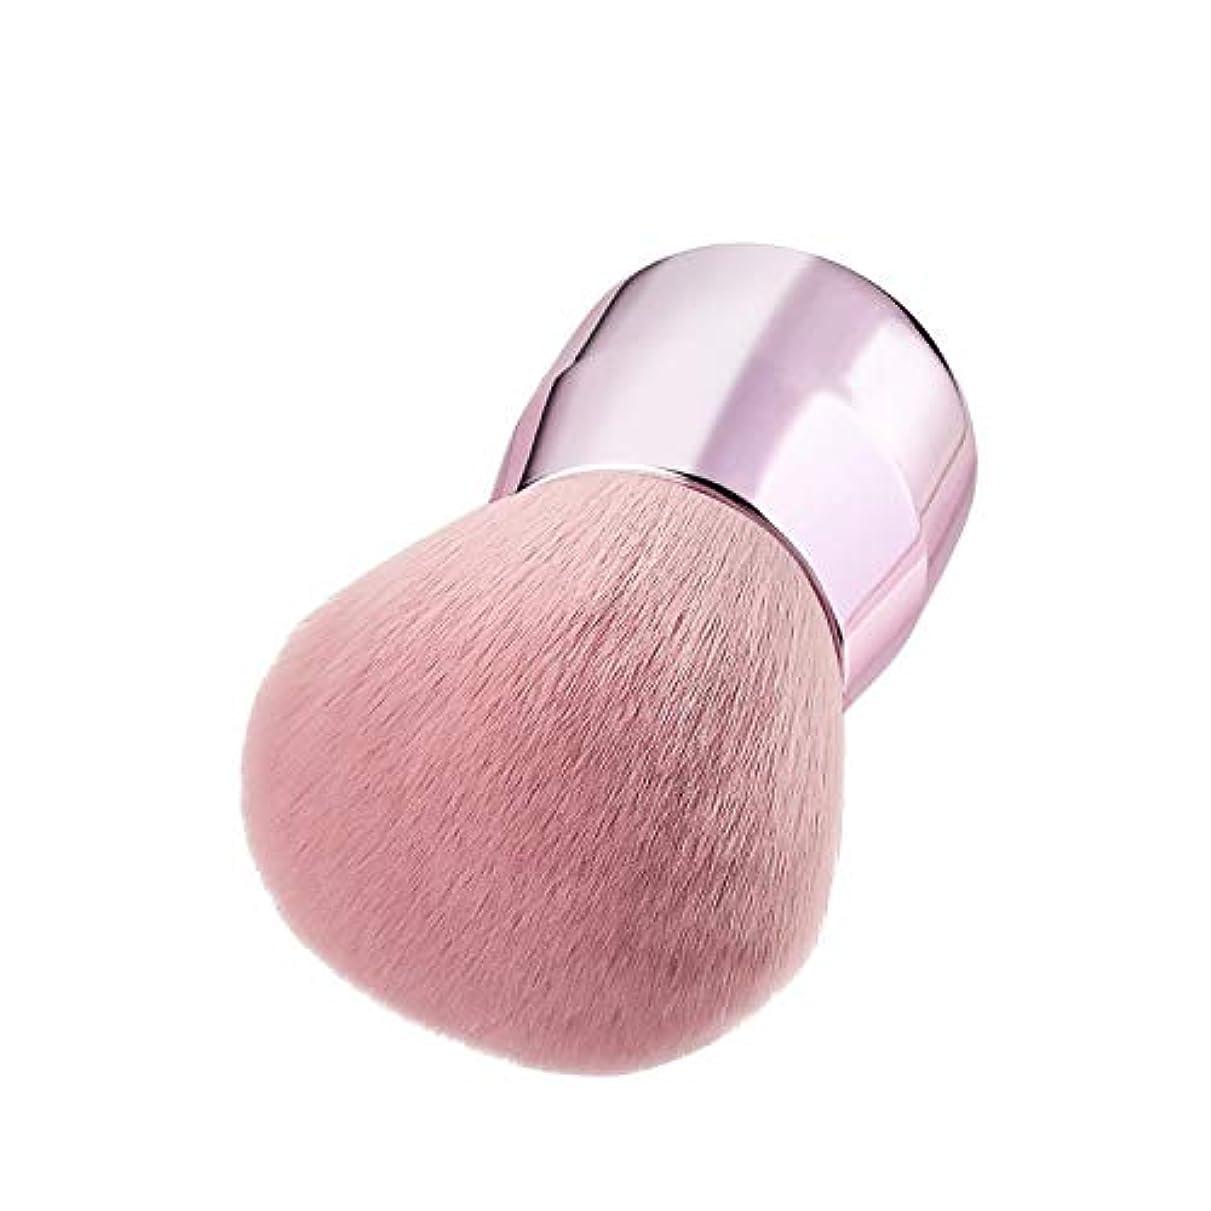 性差別レディオンスMakeup brushes きのこの頭の自由な粉のブラシの携帯用宣言的な構造のブラシ蜂蜜の粉の構造の粉のブラシのブラシ1つ suits (Color : Rose Gold)